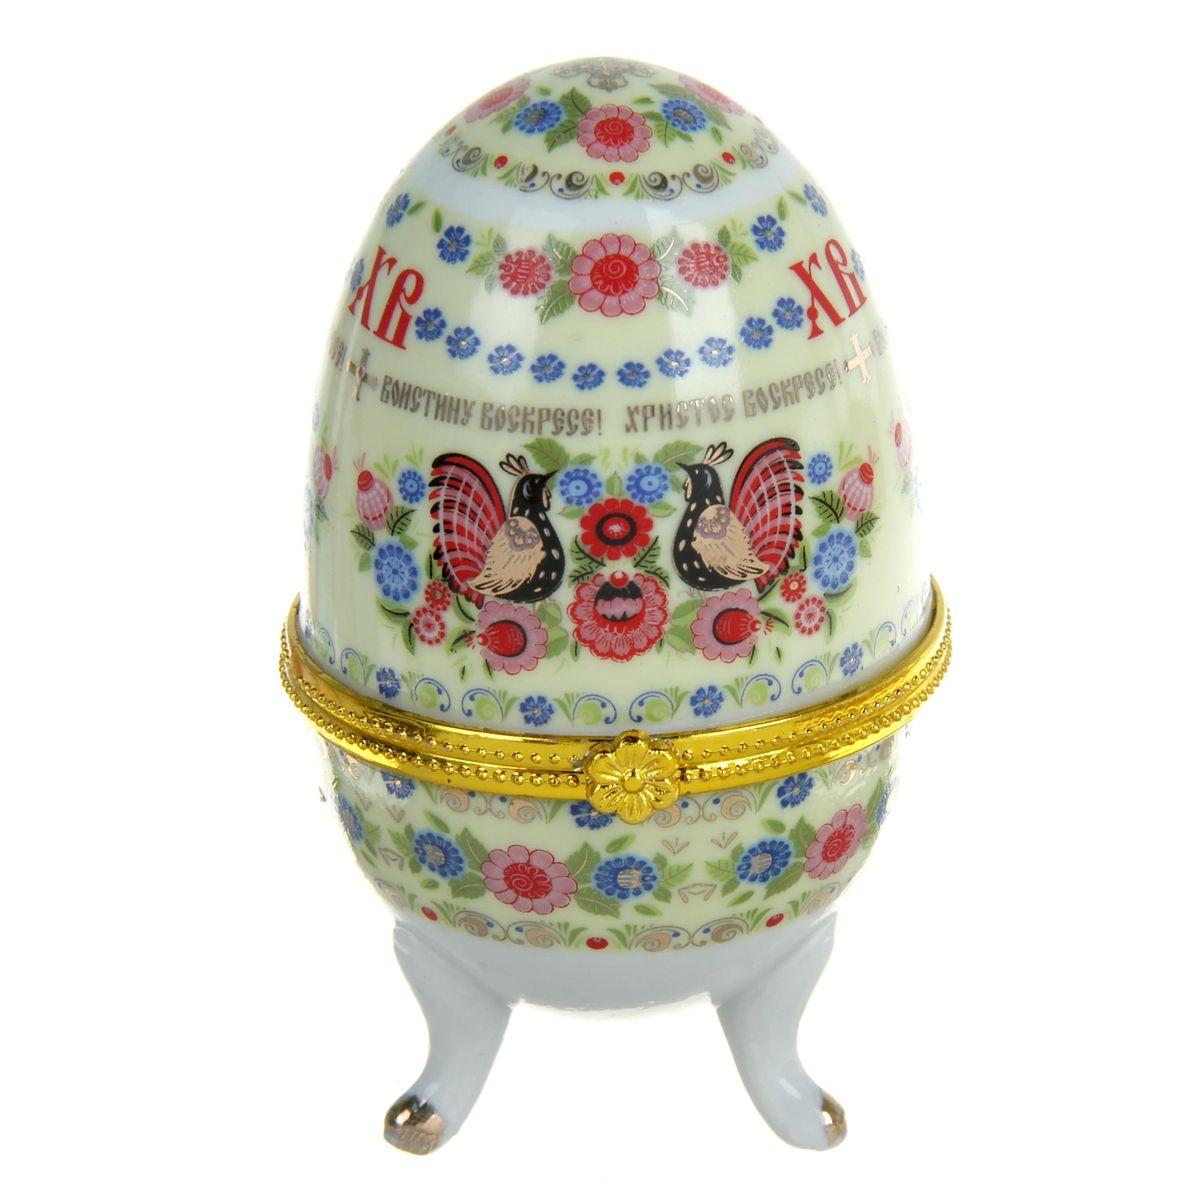 Яйцо-шкатулка Sima-land Хохлома, высота 10 см. 890111890111Яйцо-шкатулка Sima-land Хохлома представляет собой изделие, изготовленное из белоснежной прочной керамики и оформленное росписью, выполненной в технике деколь, с золотистыми вставками. Изделие располагается на изящных ножках. Яйцо-шкатулка Sima-land Хохлома порадует своим великолепием и функциональными особенностями. Это не только символичный, но и очень полезный подарок на светлый праздник Пасхи. Диаметр яйца-шкатулки: 6 см. Высота яйца-шкатулки: 10 см.